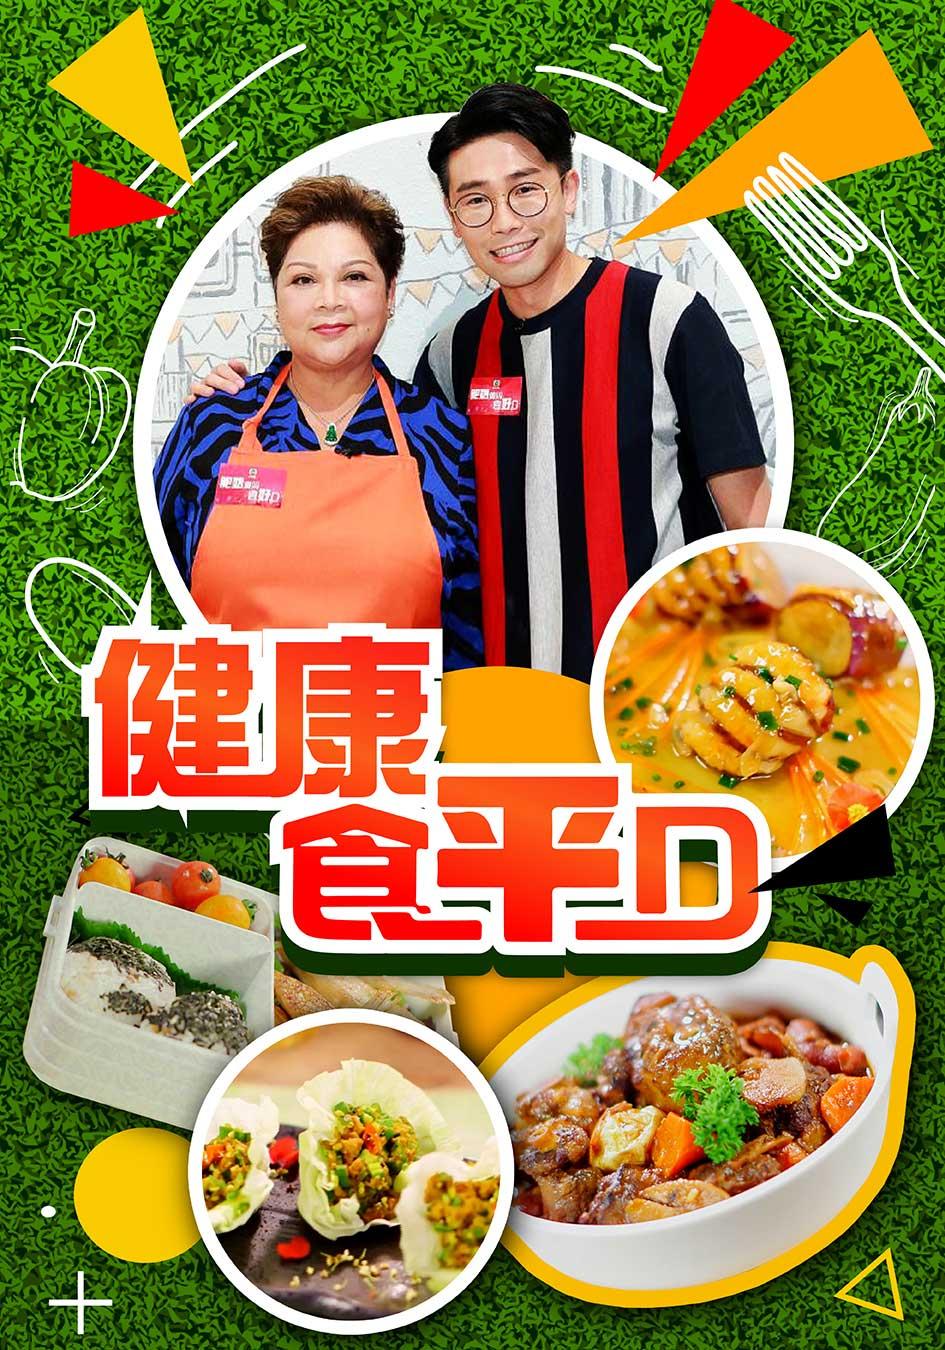 健康食平D - encoreTVB 官方網站